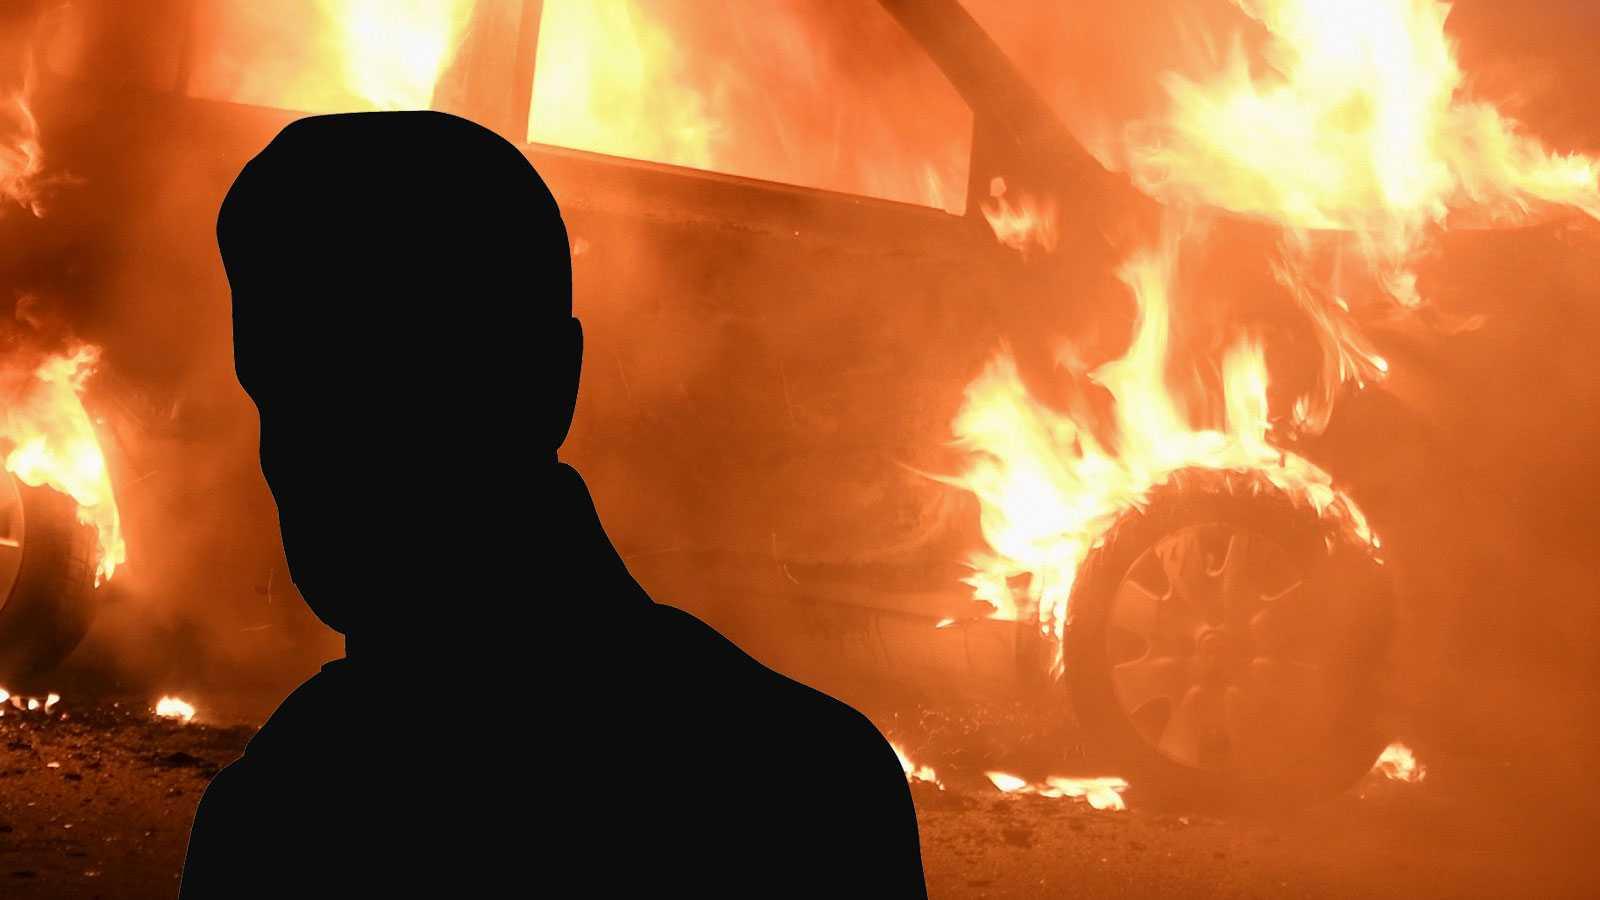 Anmälde bilbränder till polisen – då eldades hans egen bil upp